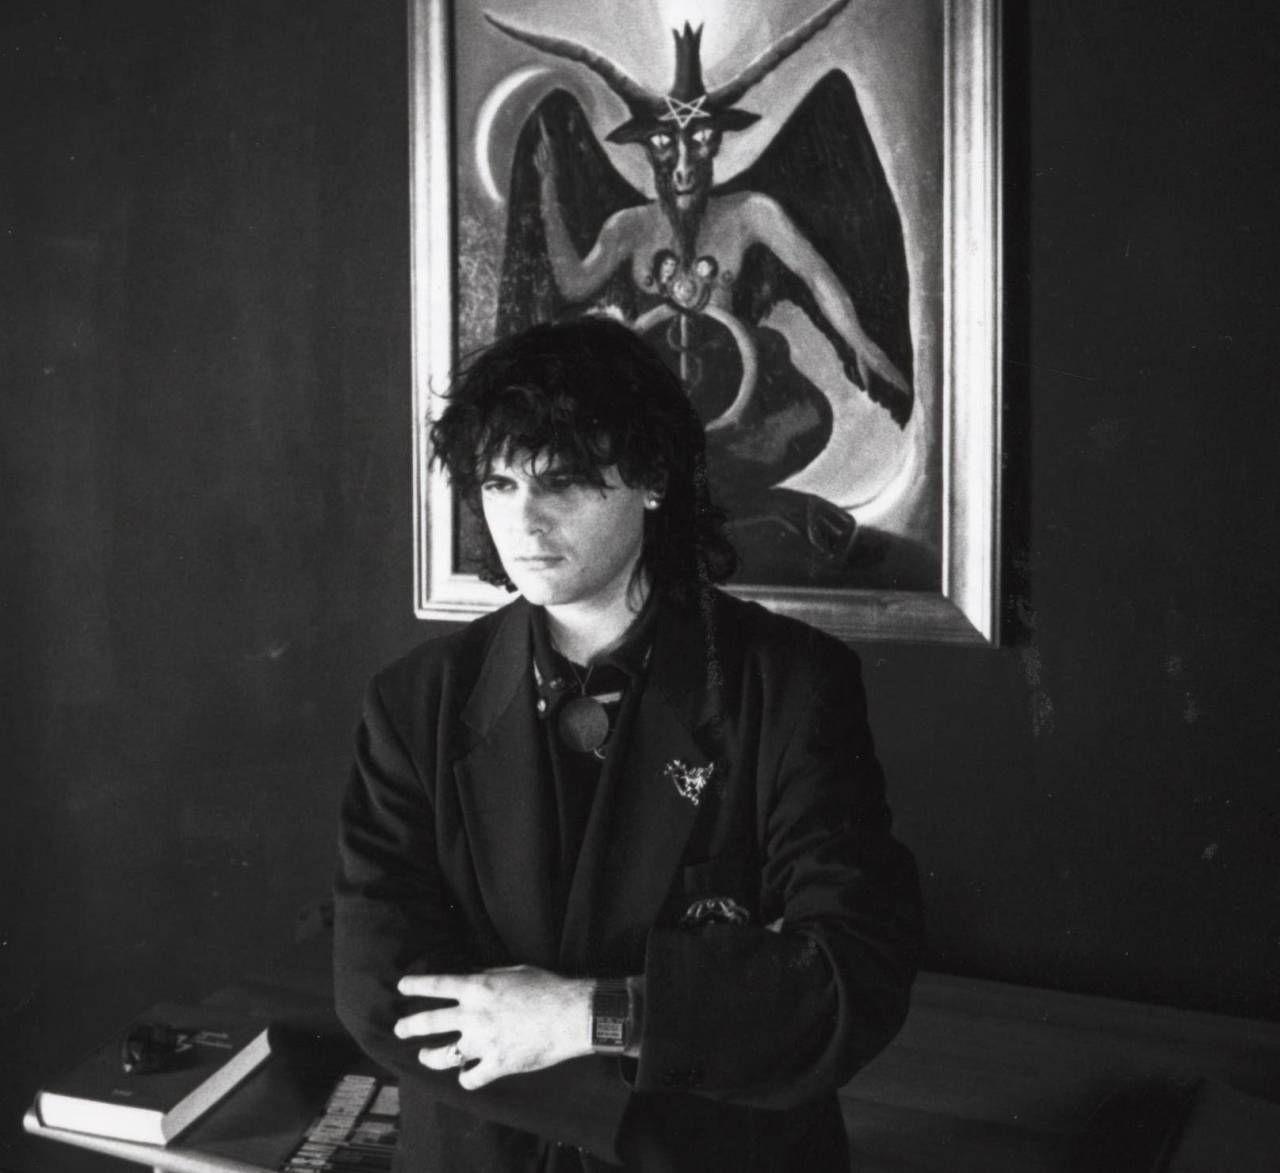 Marco Dimitri era nato a Bologna il 13 febbraio del 1963. Rimase orfano all'età di 14 anni